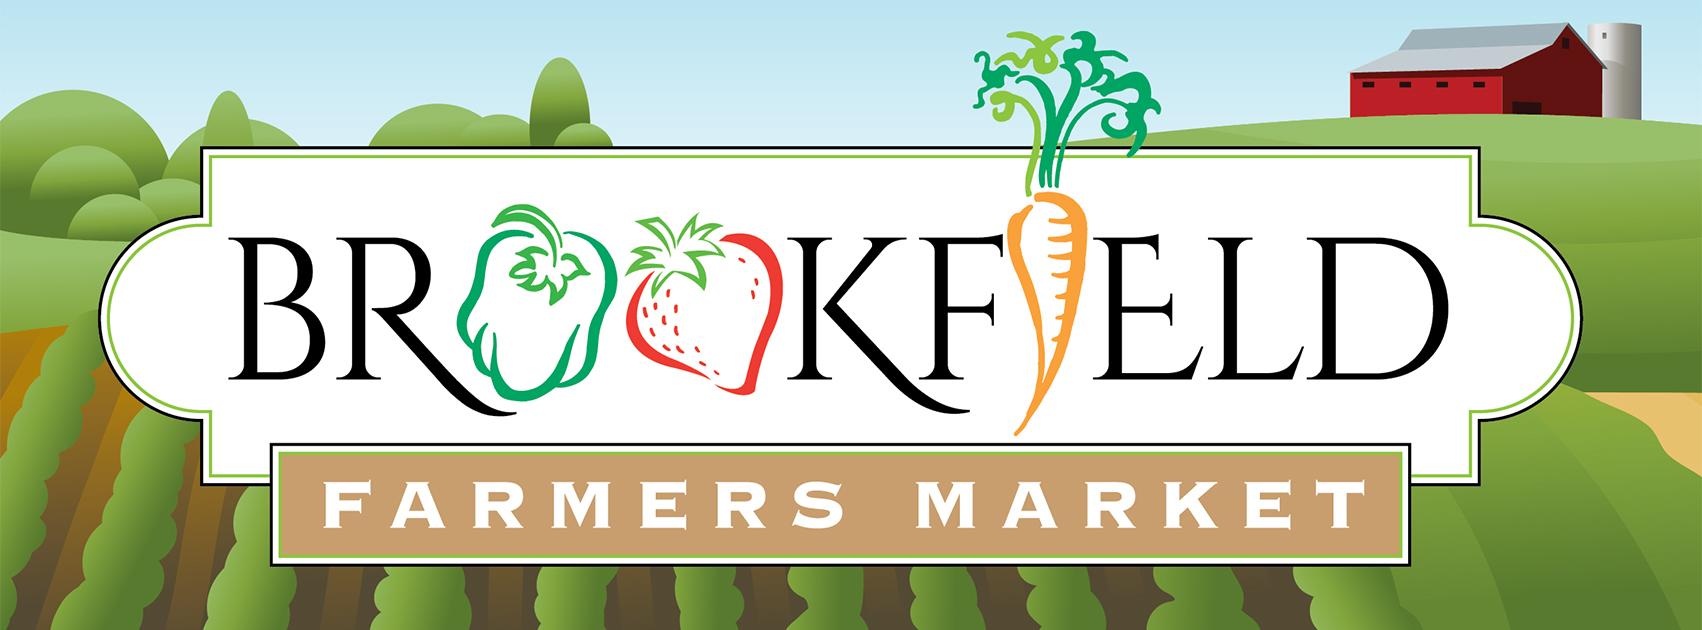 Brookfield CT Farmers Market Logo